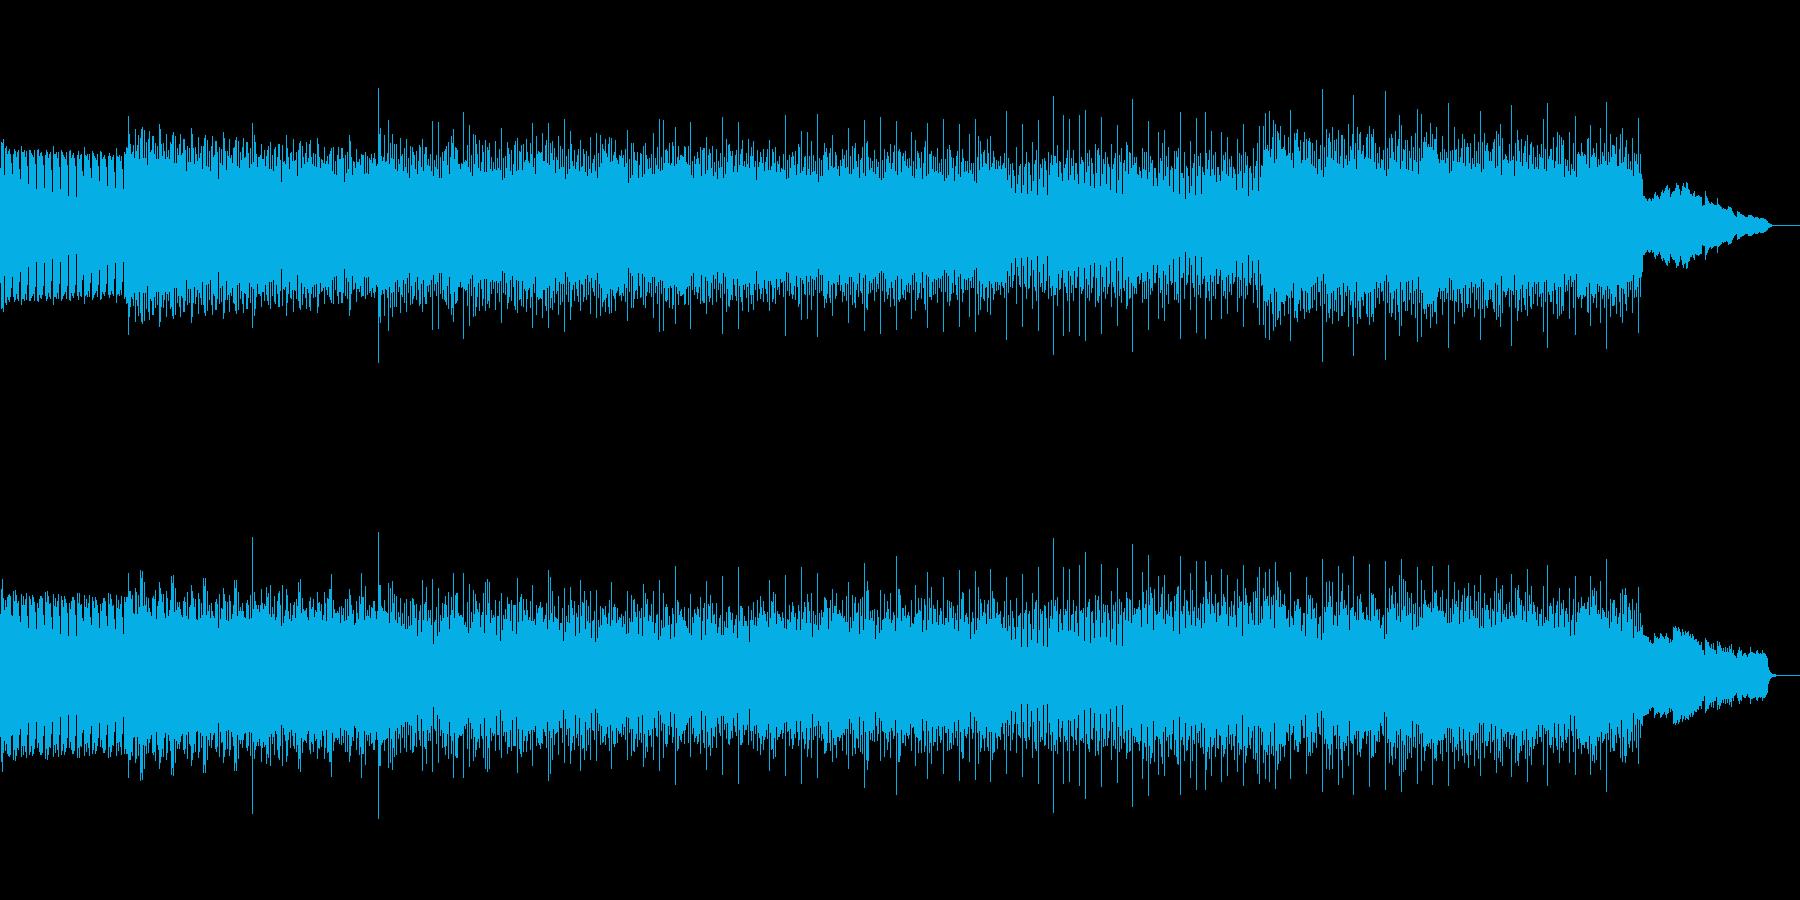 海をイメージしたBGMの再生済みの波形